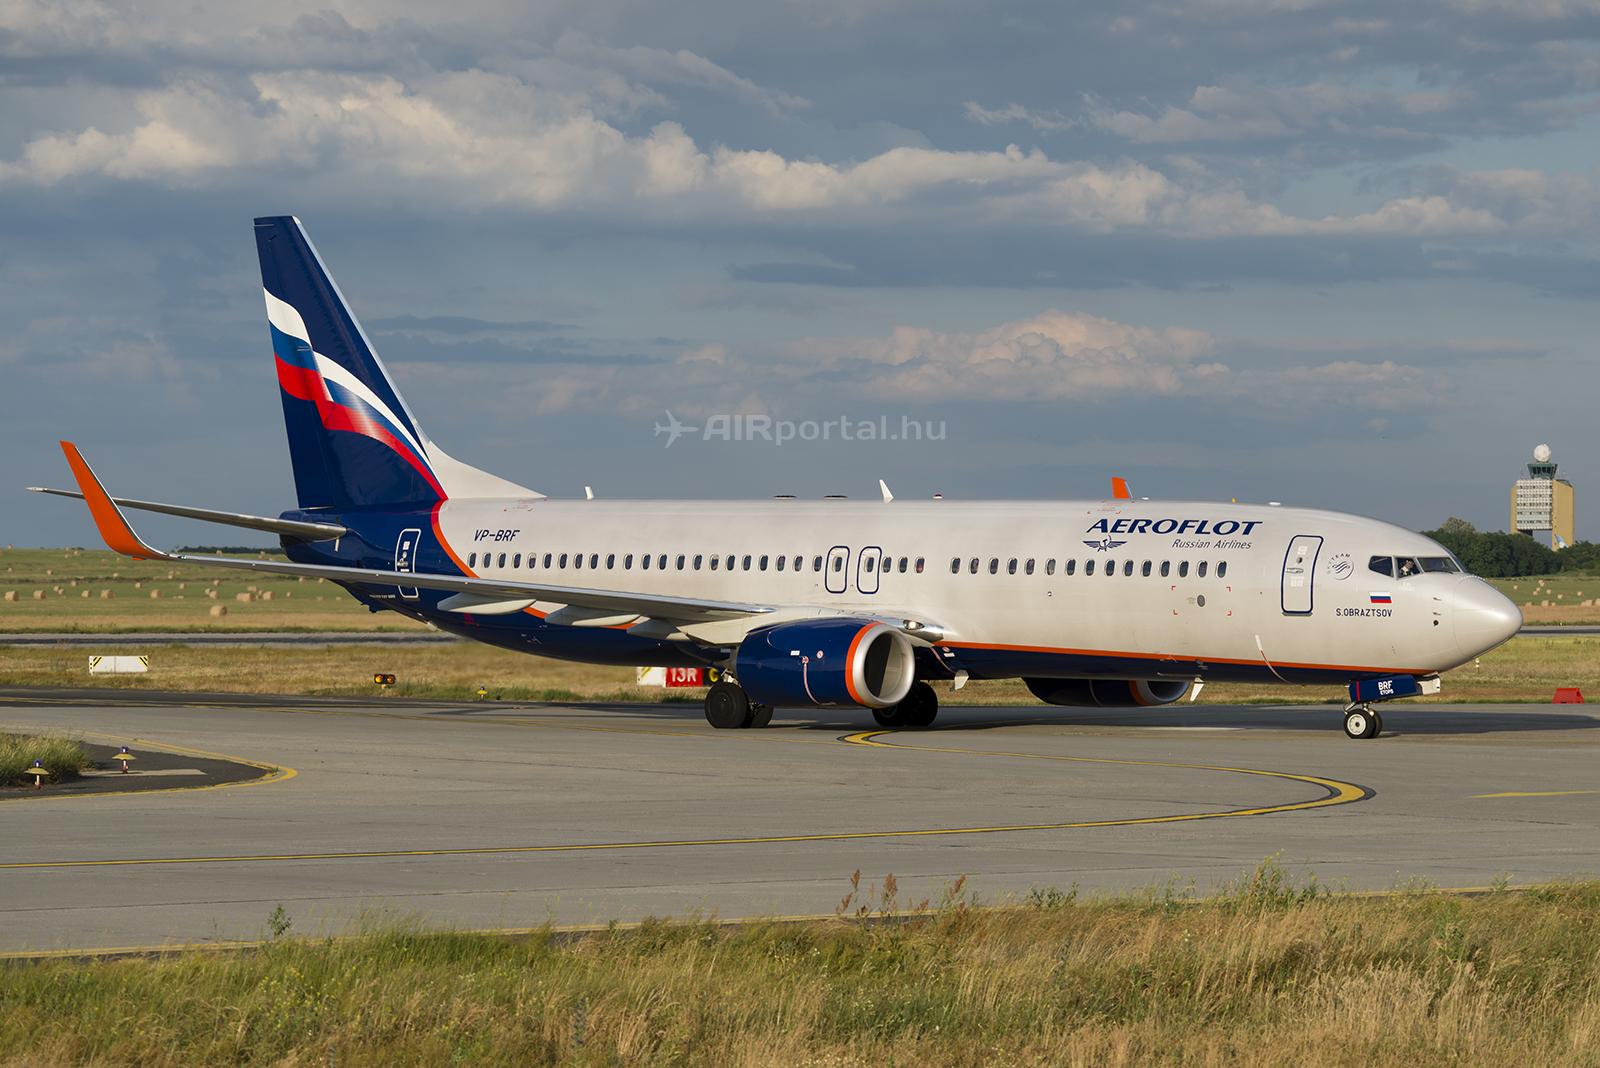 Az Aeroflot Boeing 737-800-as repülőgépe a Liszt Ferenc repülőtéren. A Dobroljot low-cost leányvállalat is ezzel a típussal üzemelt egészen hétfőig. (Fotó: AIRportal.hu) | © AIRportal.hu